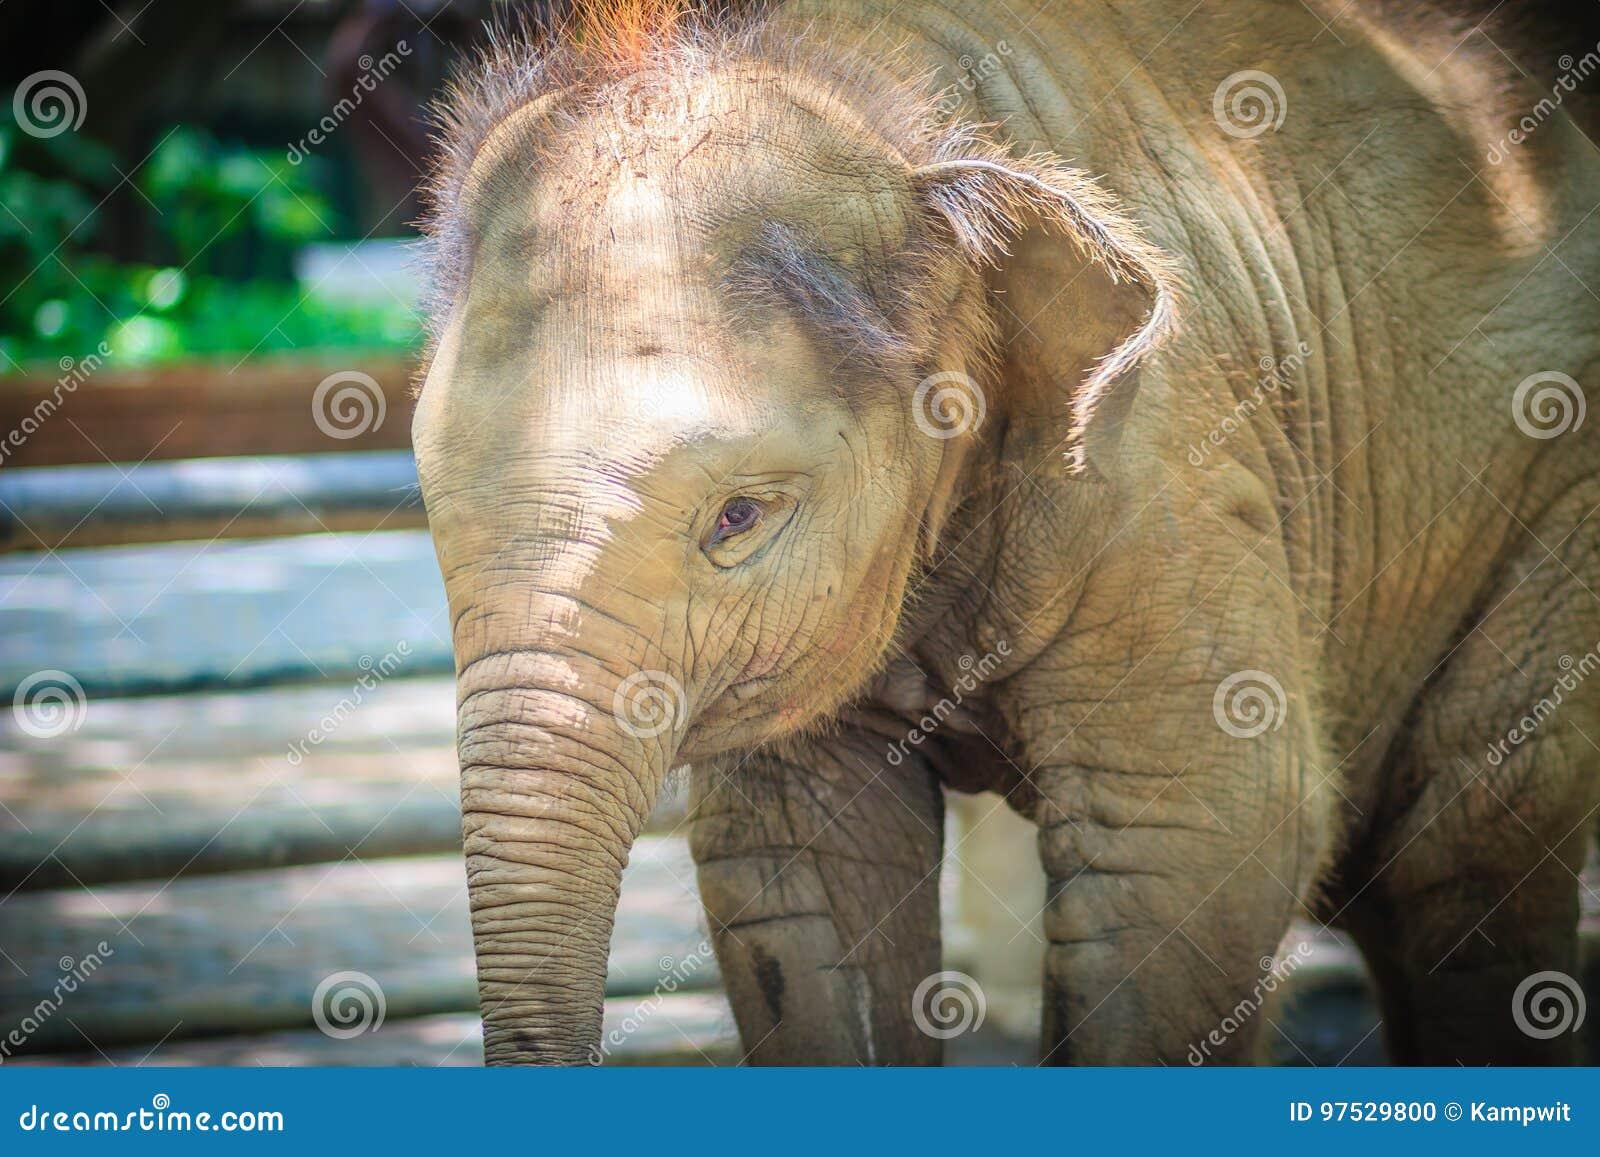 Приковывают молодой слона и глаз с разрывами смотрит настолько жалостливо